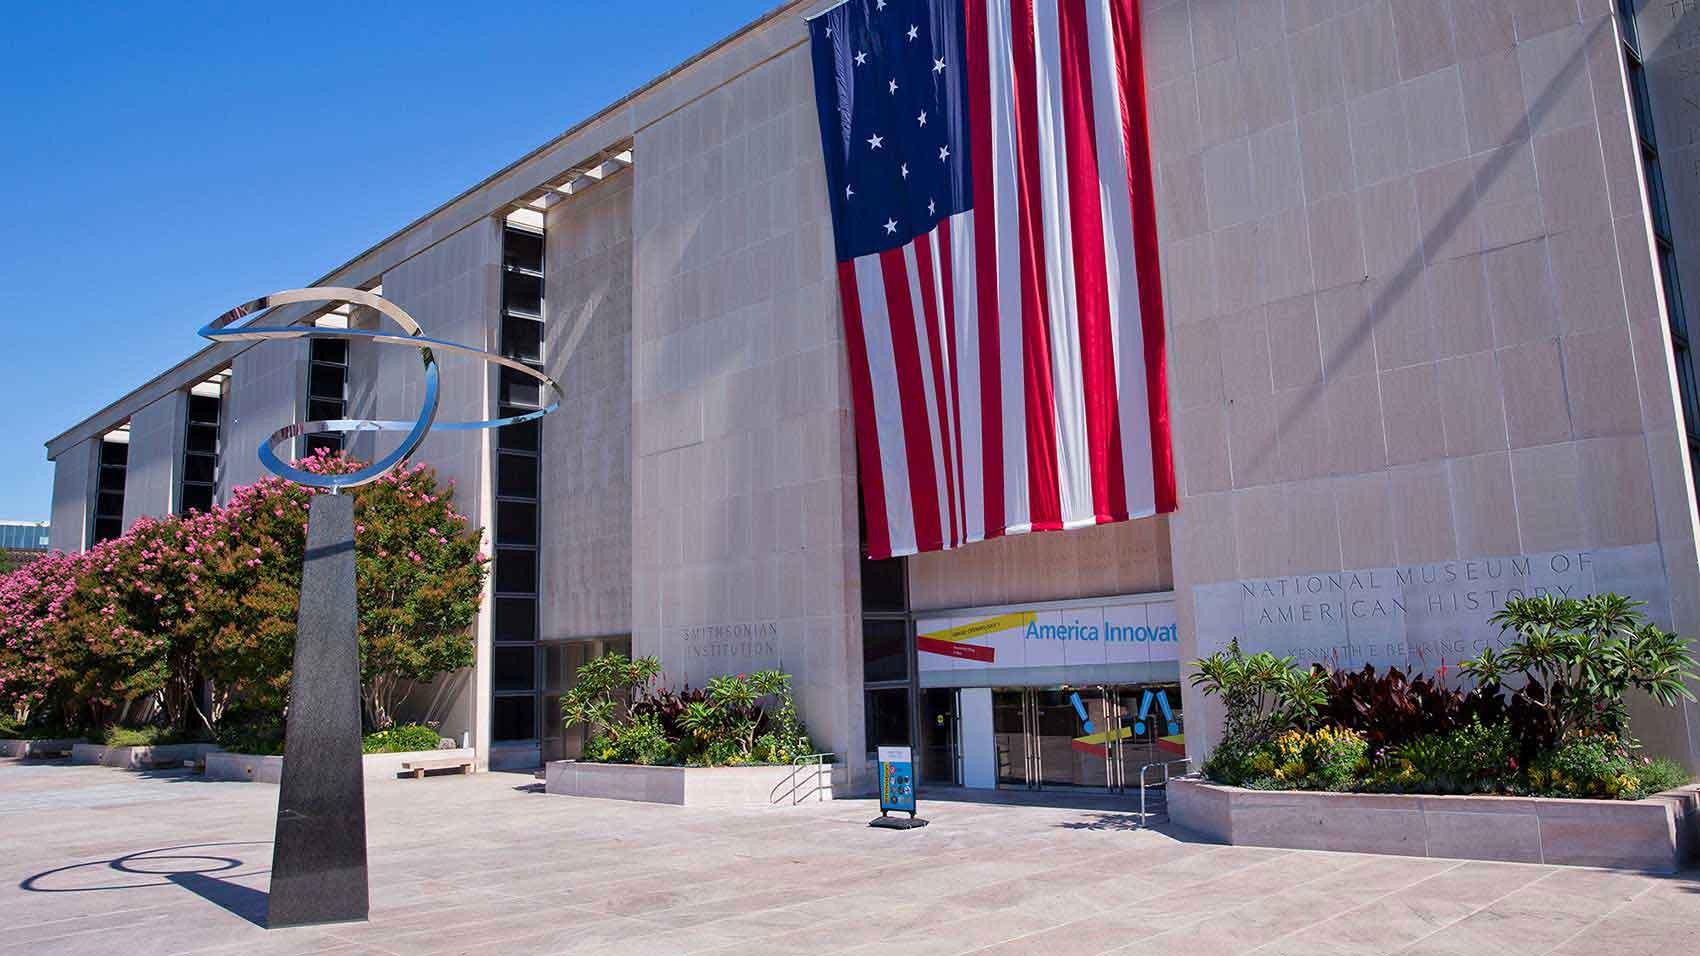 متحف Smithsonian الوطني للتاريخ الأمريكي في واشنطن العاصمة.